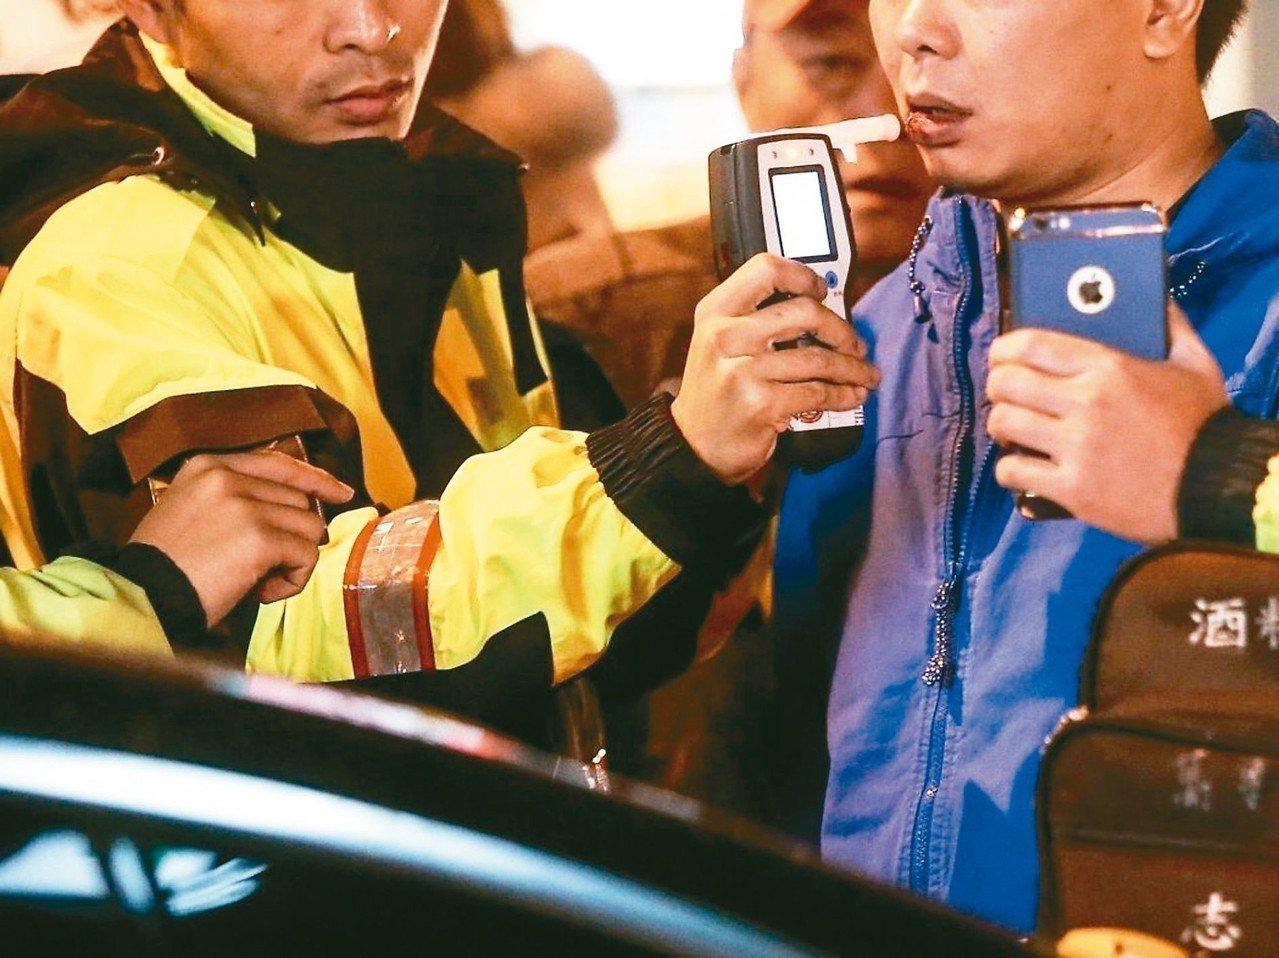 交通部公路總局今天在新北市立殯儀館禮儀廳試辦酒駕累犯道安講習。 圖/聯合報系資料...